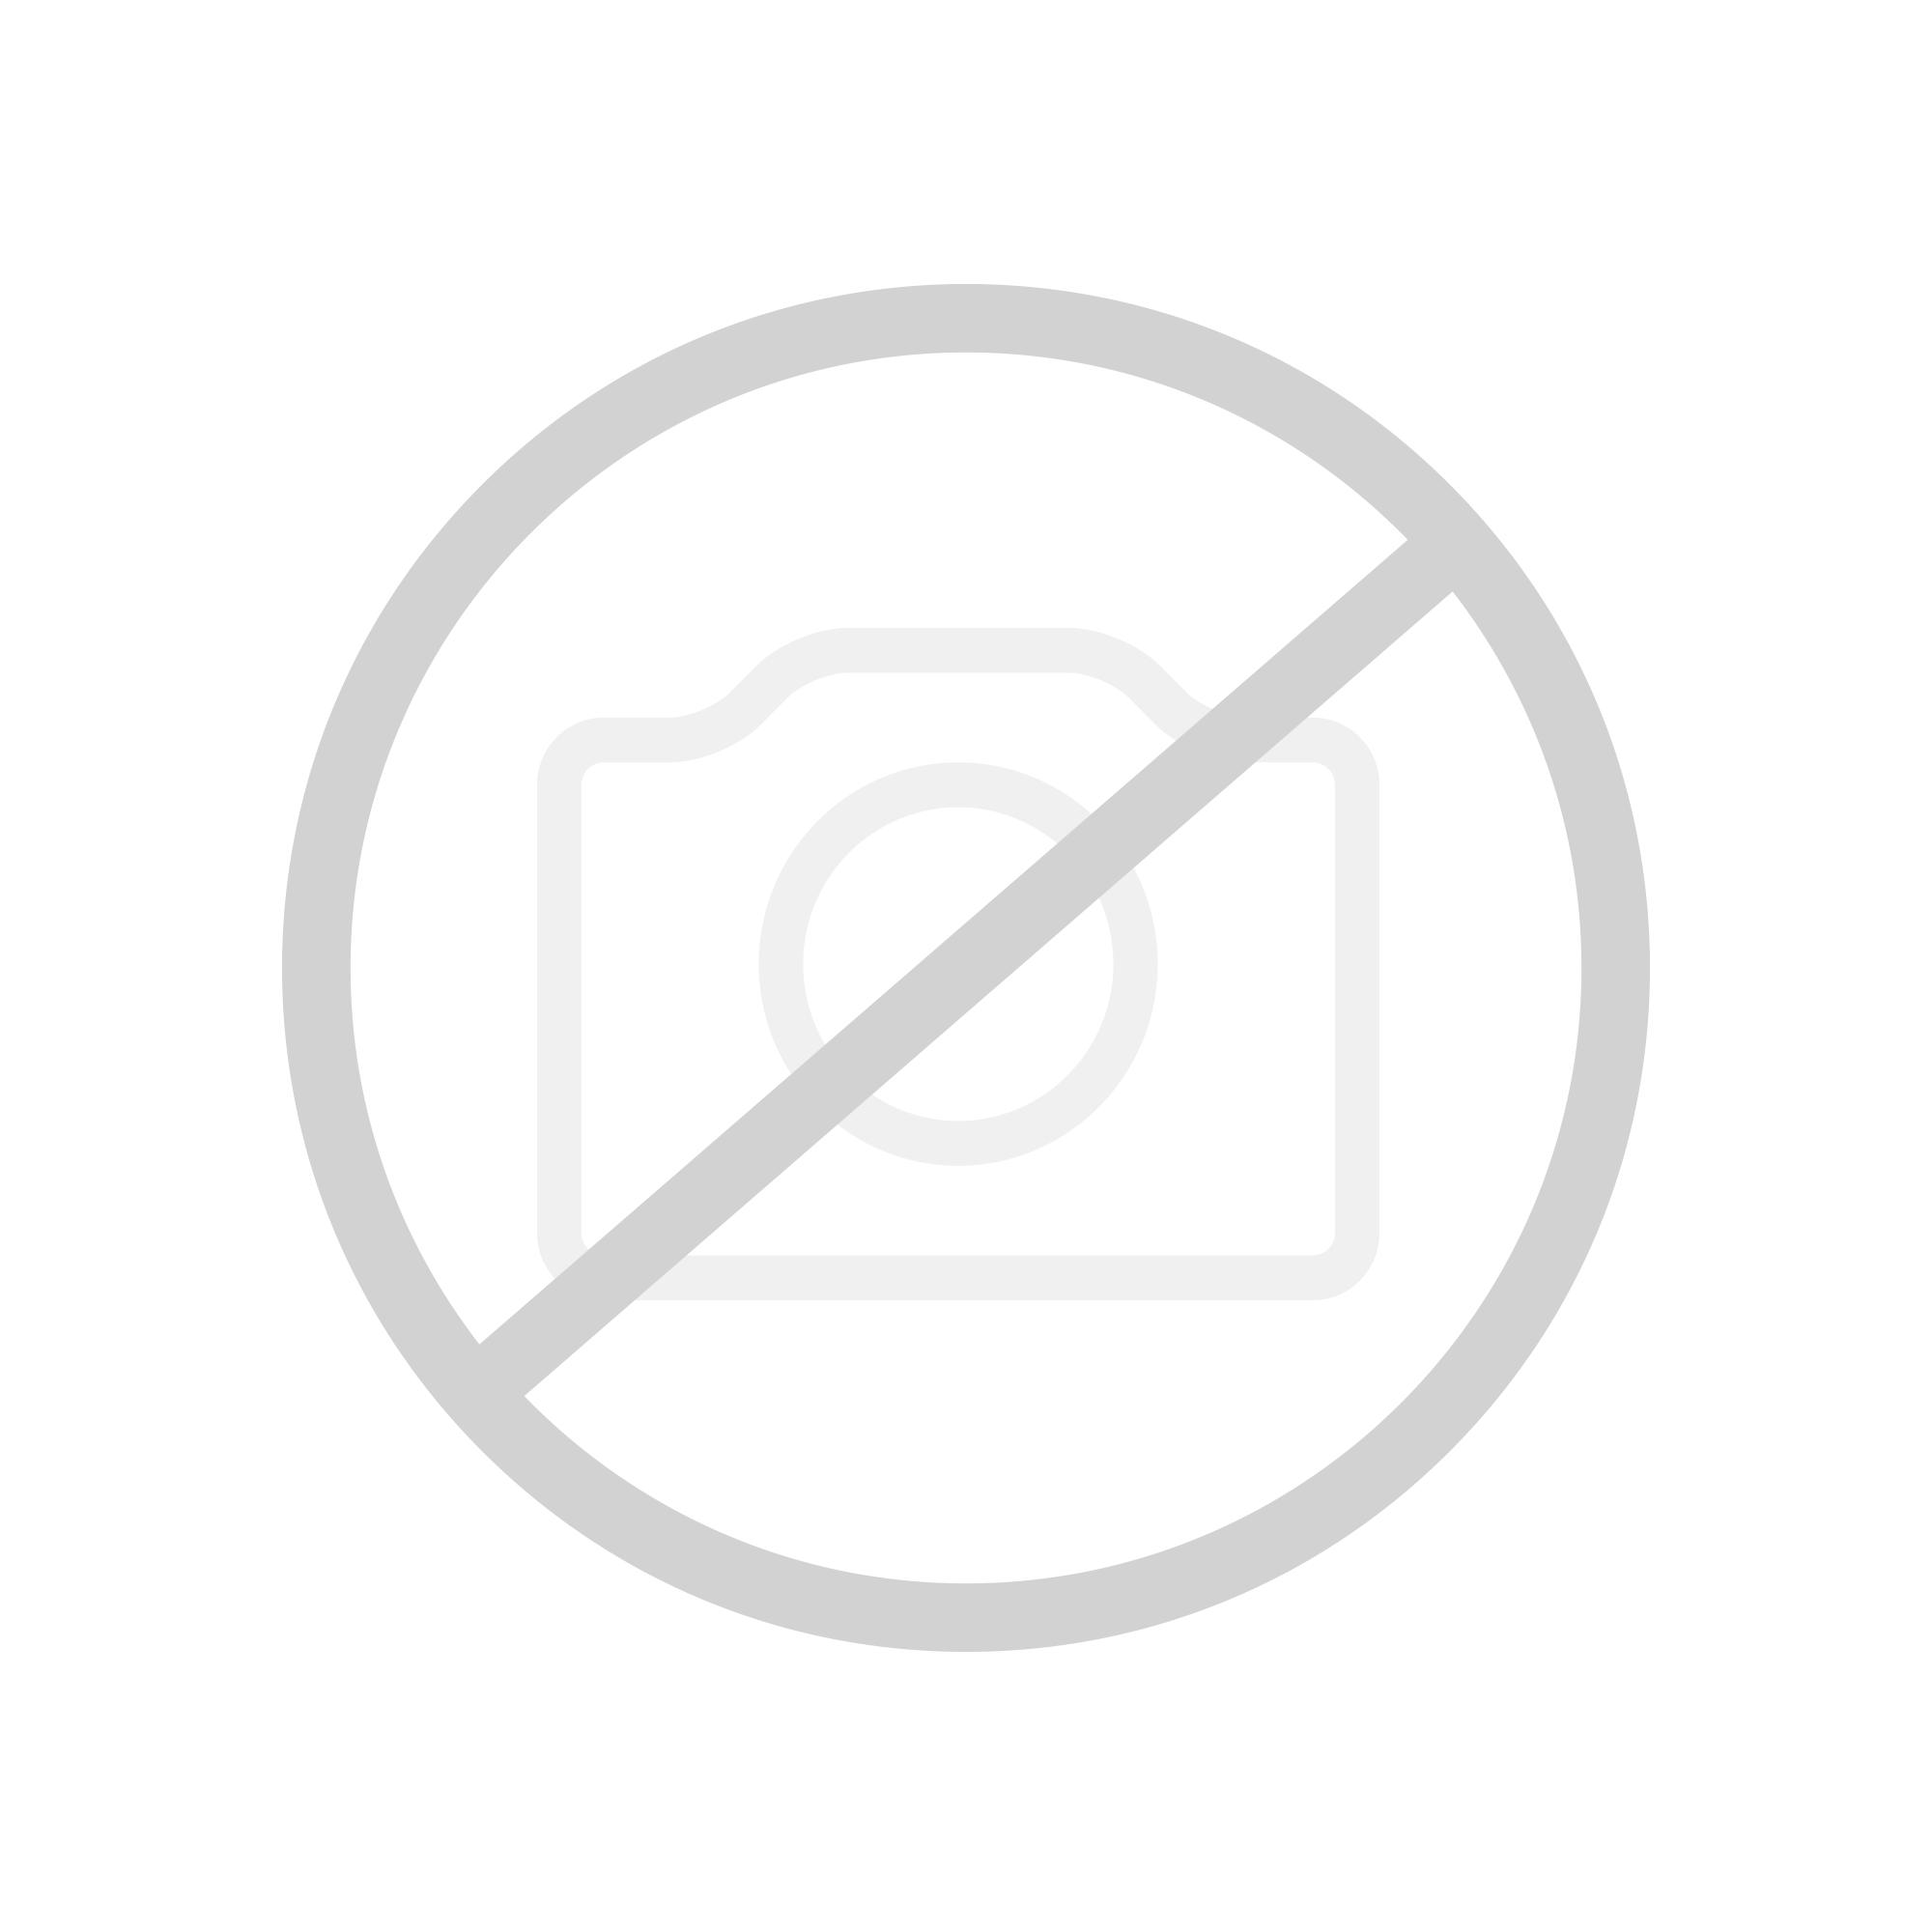 Steinberg Serie 135 / 160 / 180 Brausegarnitur 900 mm